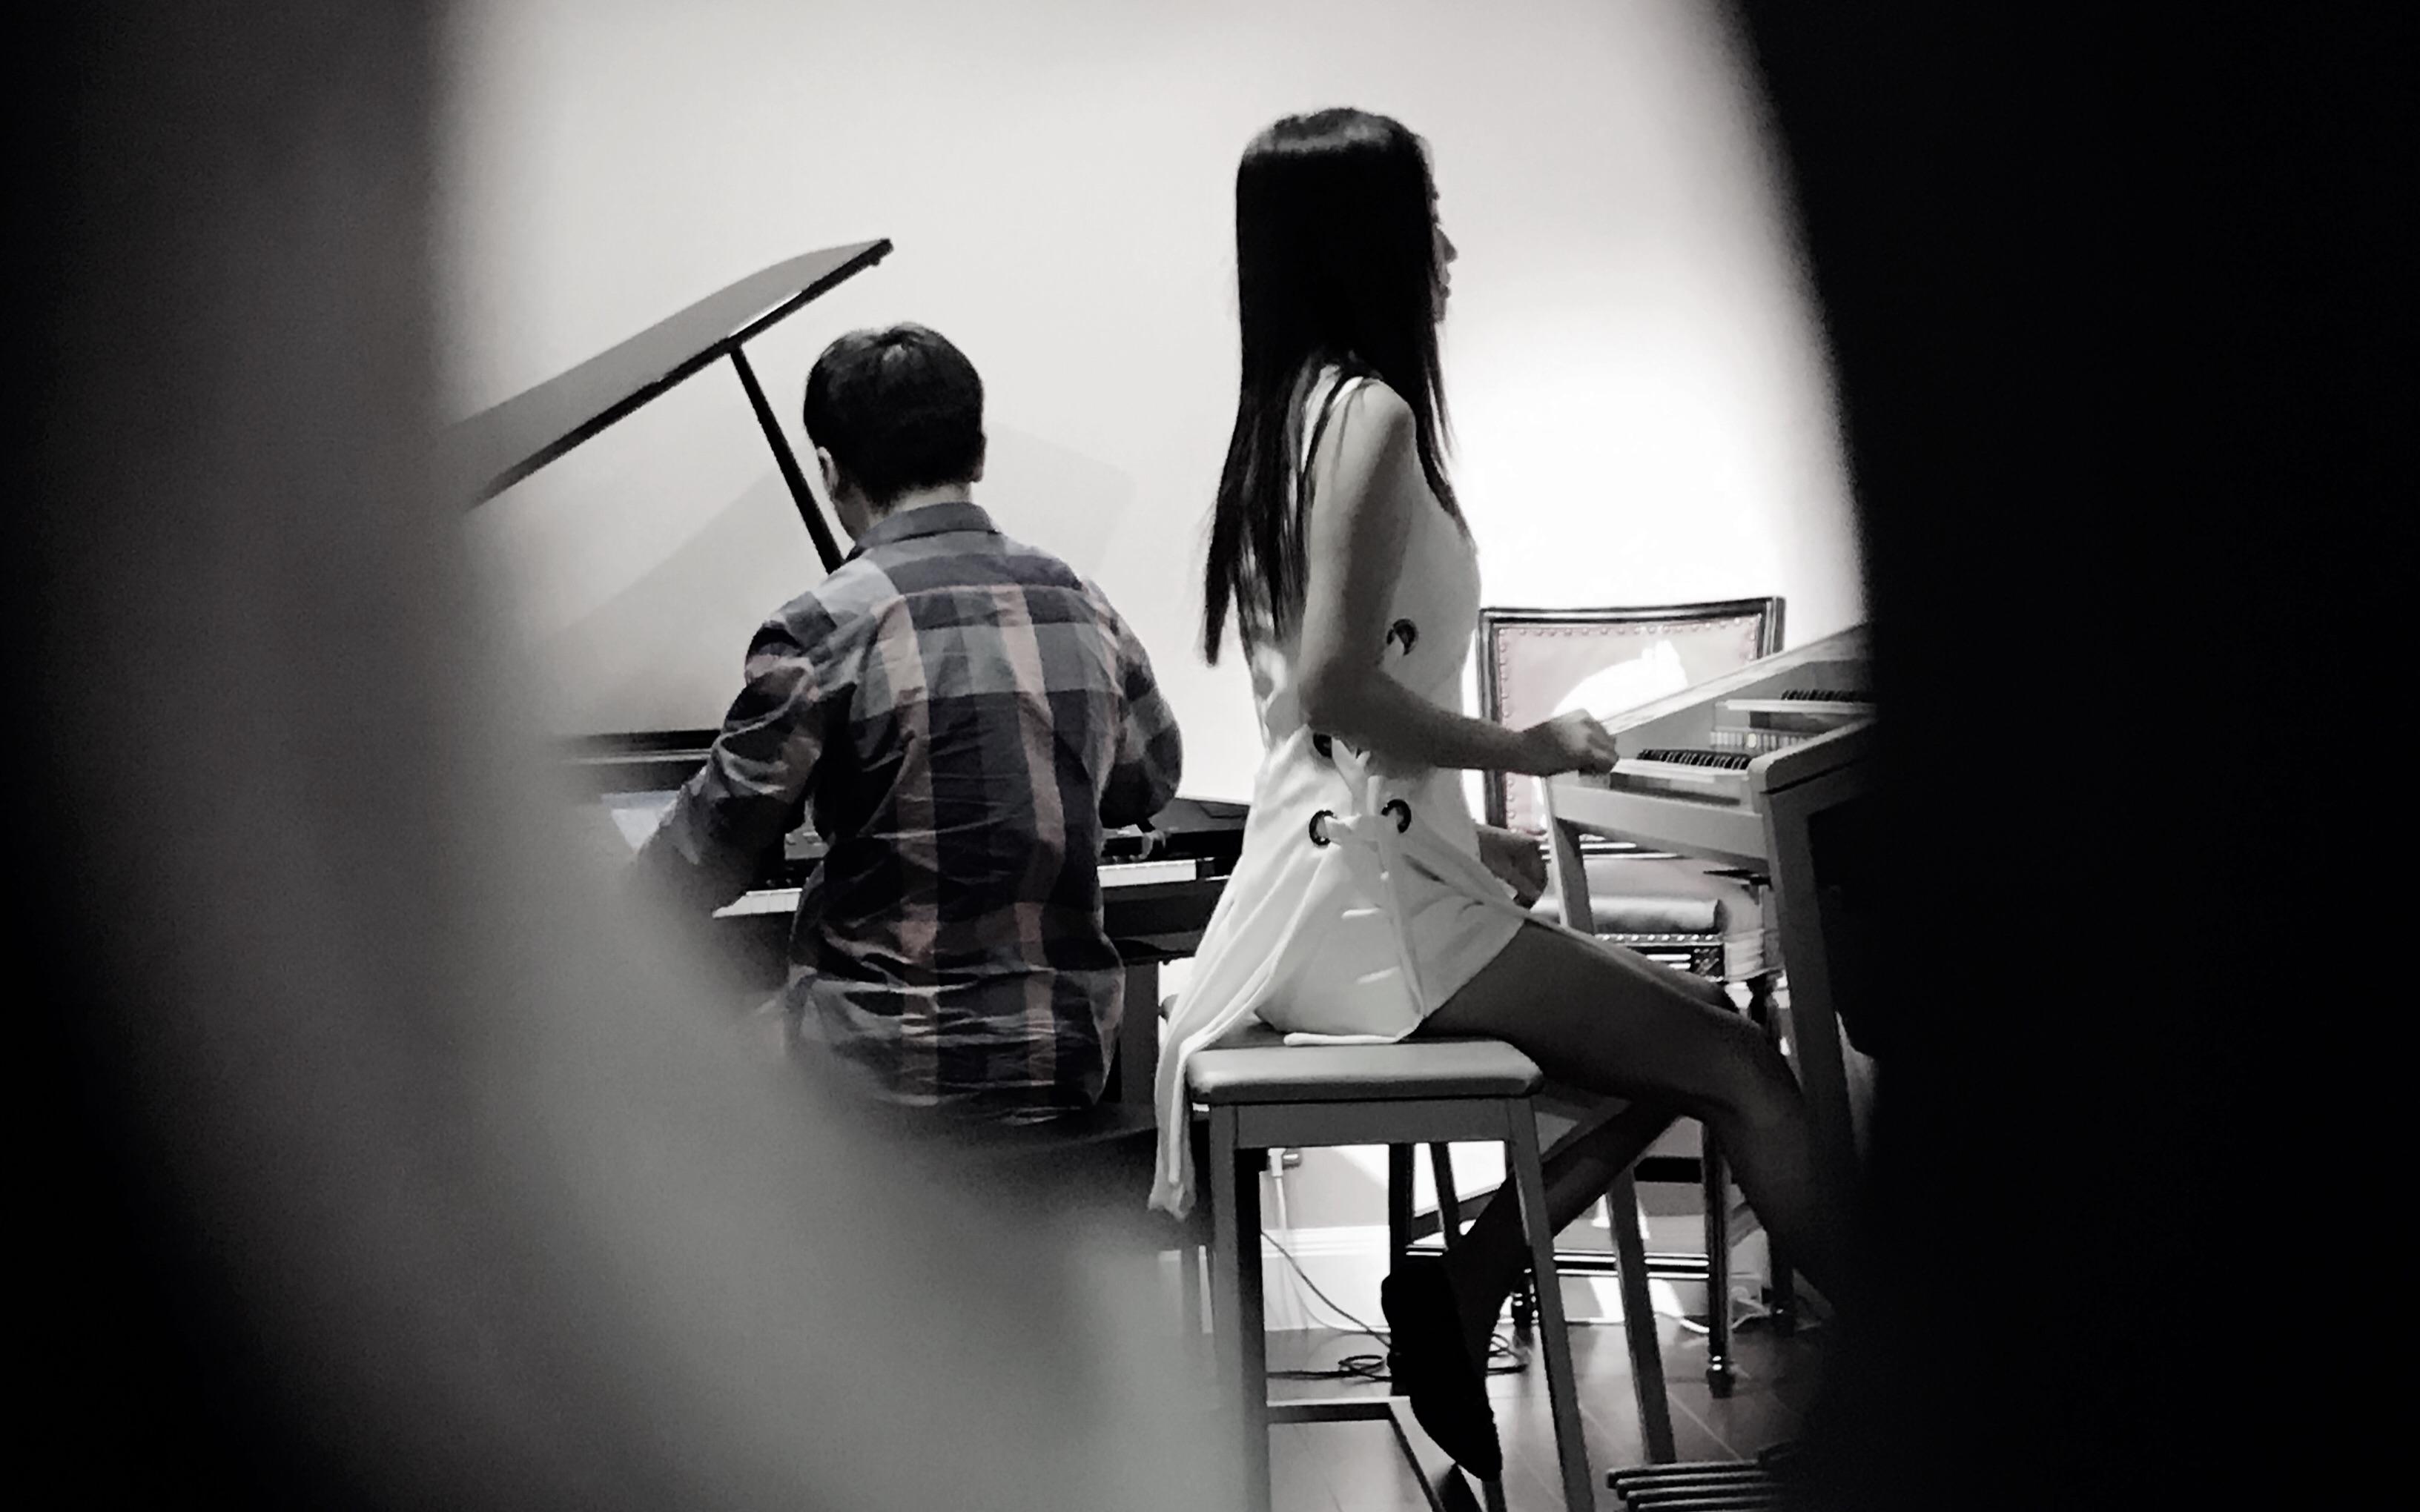 钢琴与电子管风琴图片